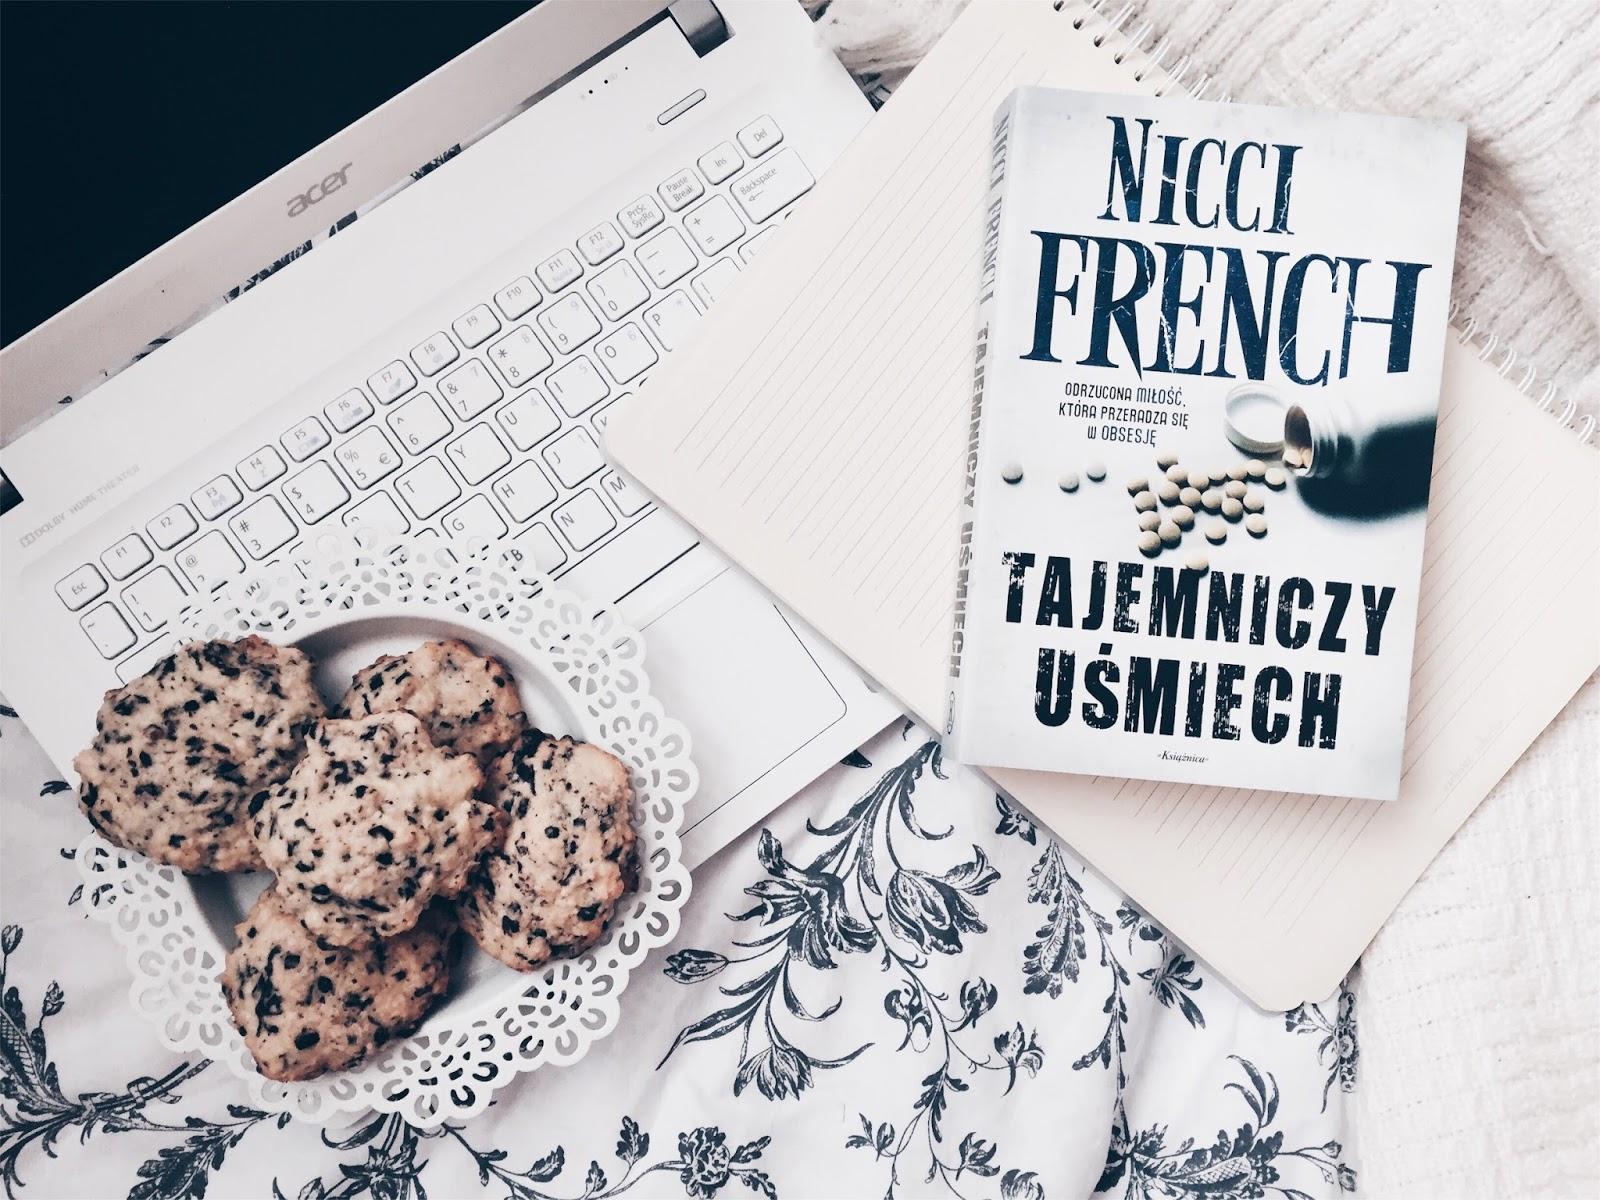 Tajemniczy uśmiech, Nicci French